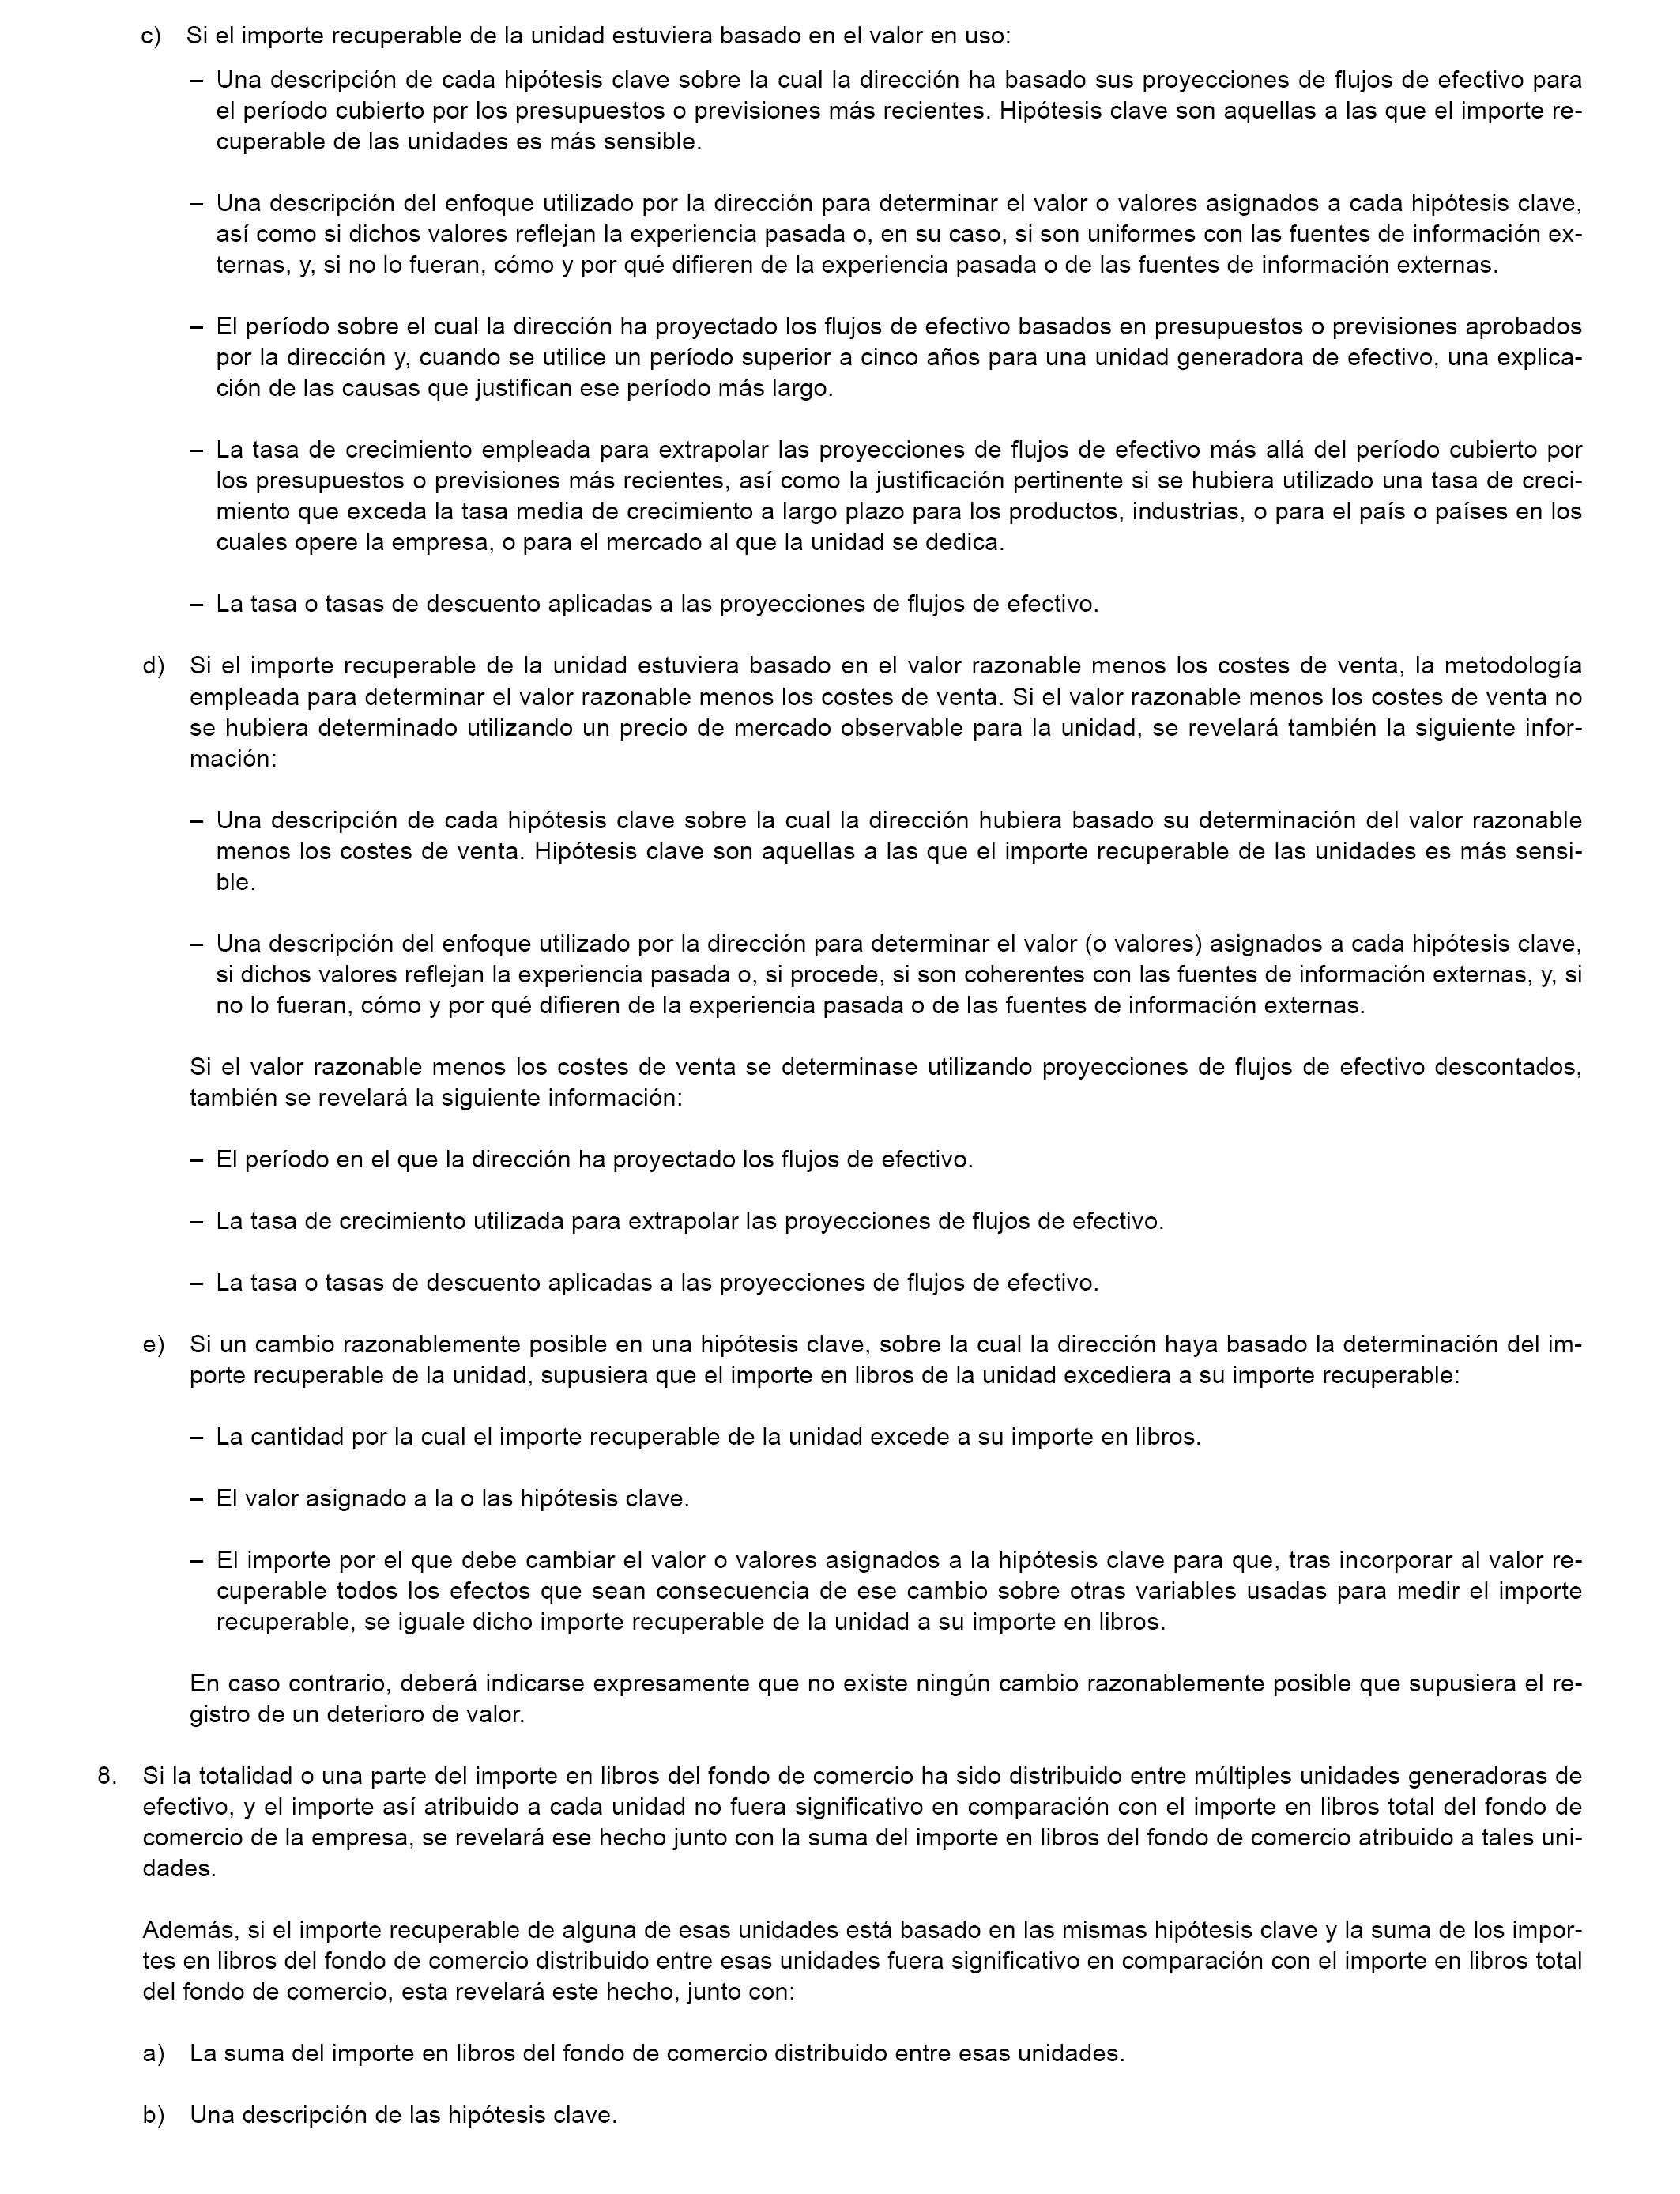 Fantástico Currículum De Formateo Para Taleo Molde - Ejemplo De ...